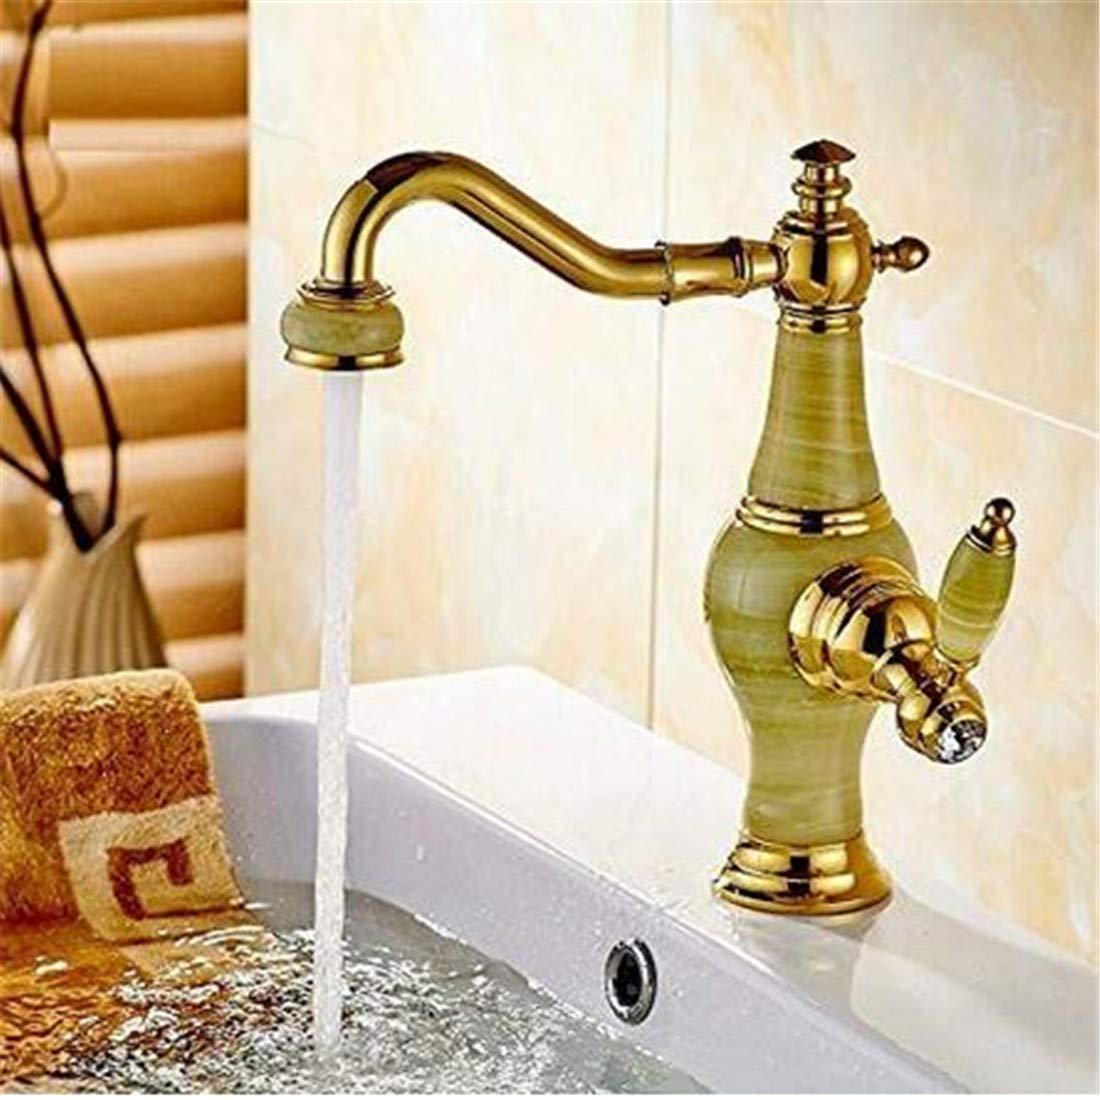 Wasserhahn Chrom Messing Retro Messing Jade Körper 360 Grad Swivel Bad Becken Wasserhahn Deck Berg Arbeitsplatte Wassermischbatterie